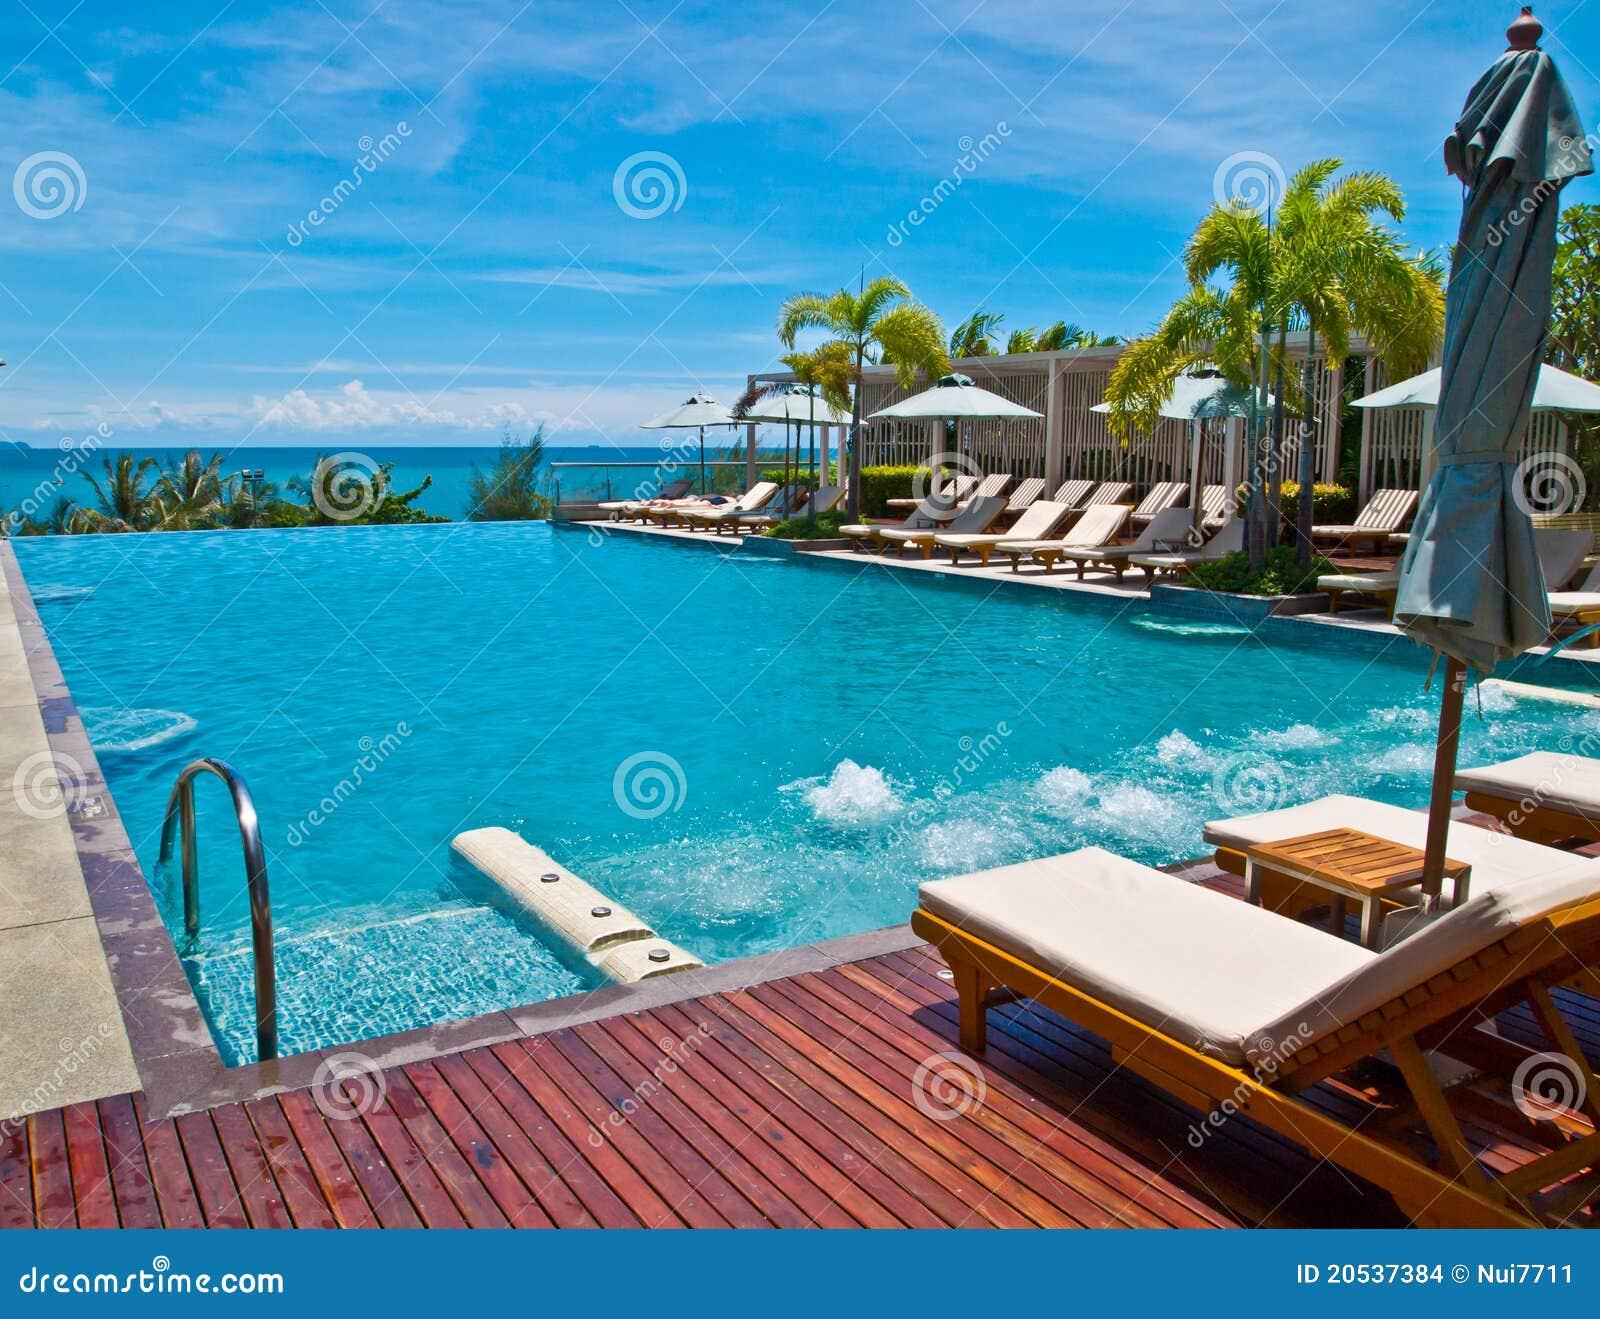 Piscine d un h tel pr s de la plage de pattaya for Piscine d hotel